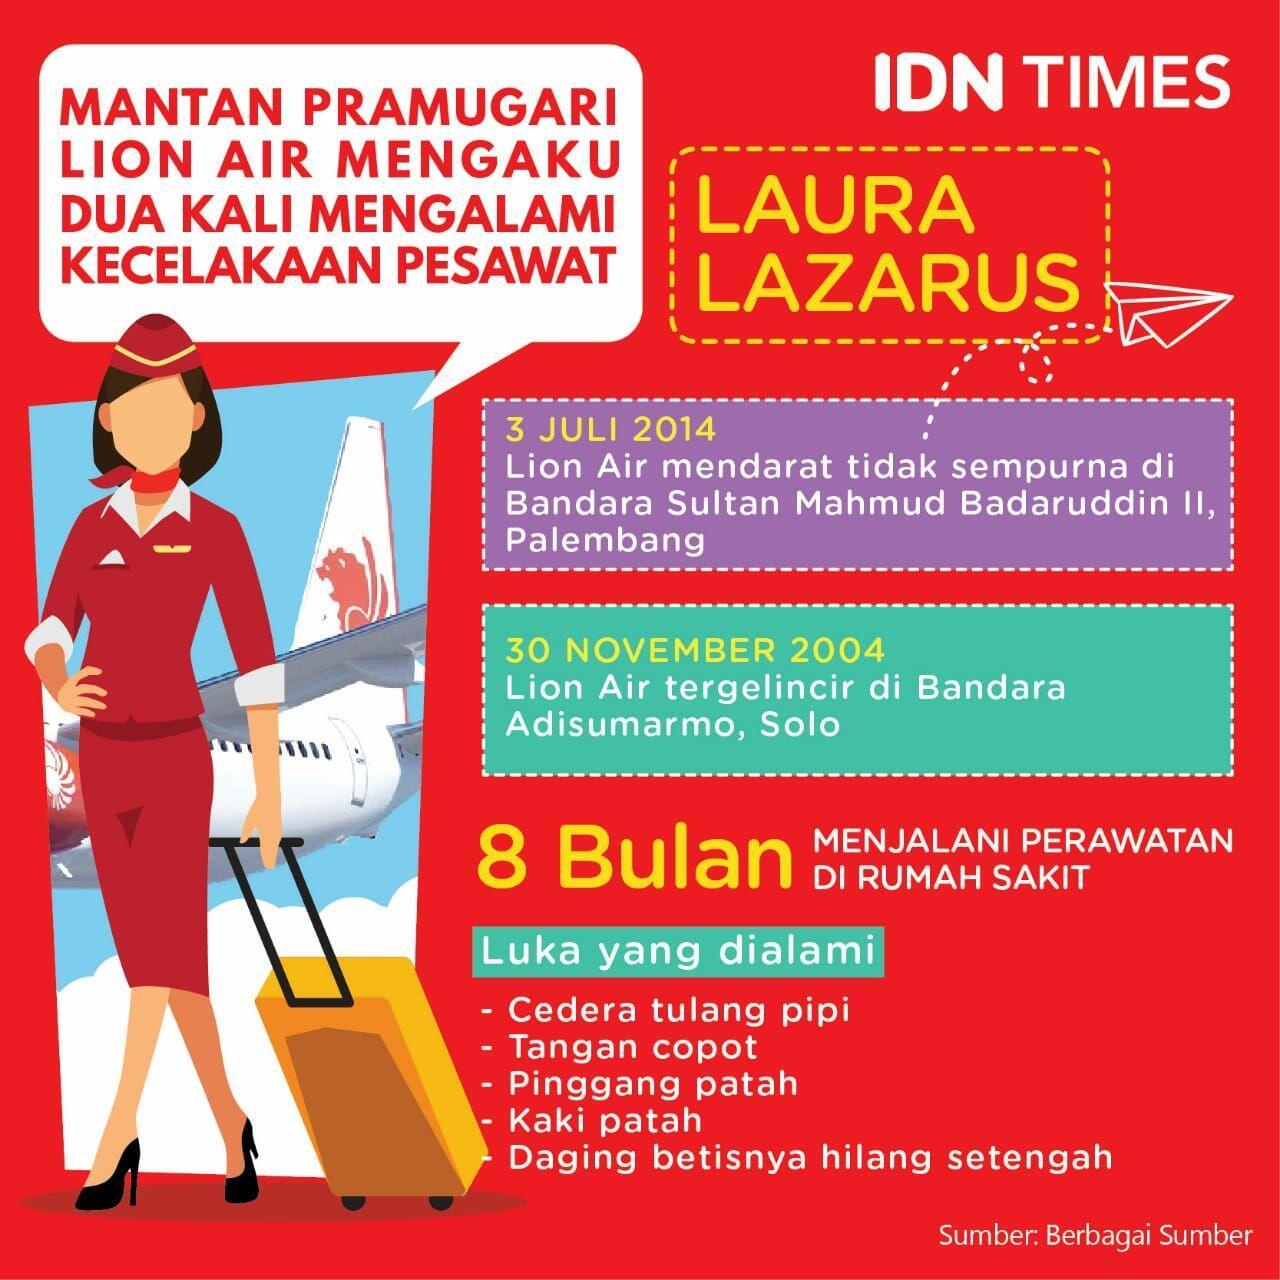 Sedihnya Curahan HatiLaura Lazarus Mantan Pramugari Lion Air